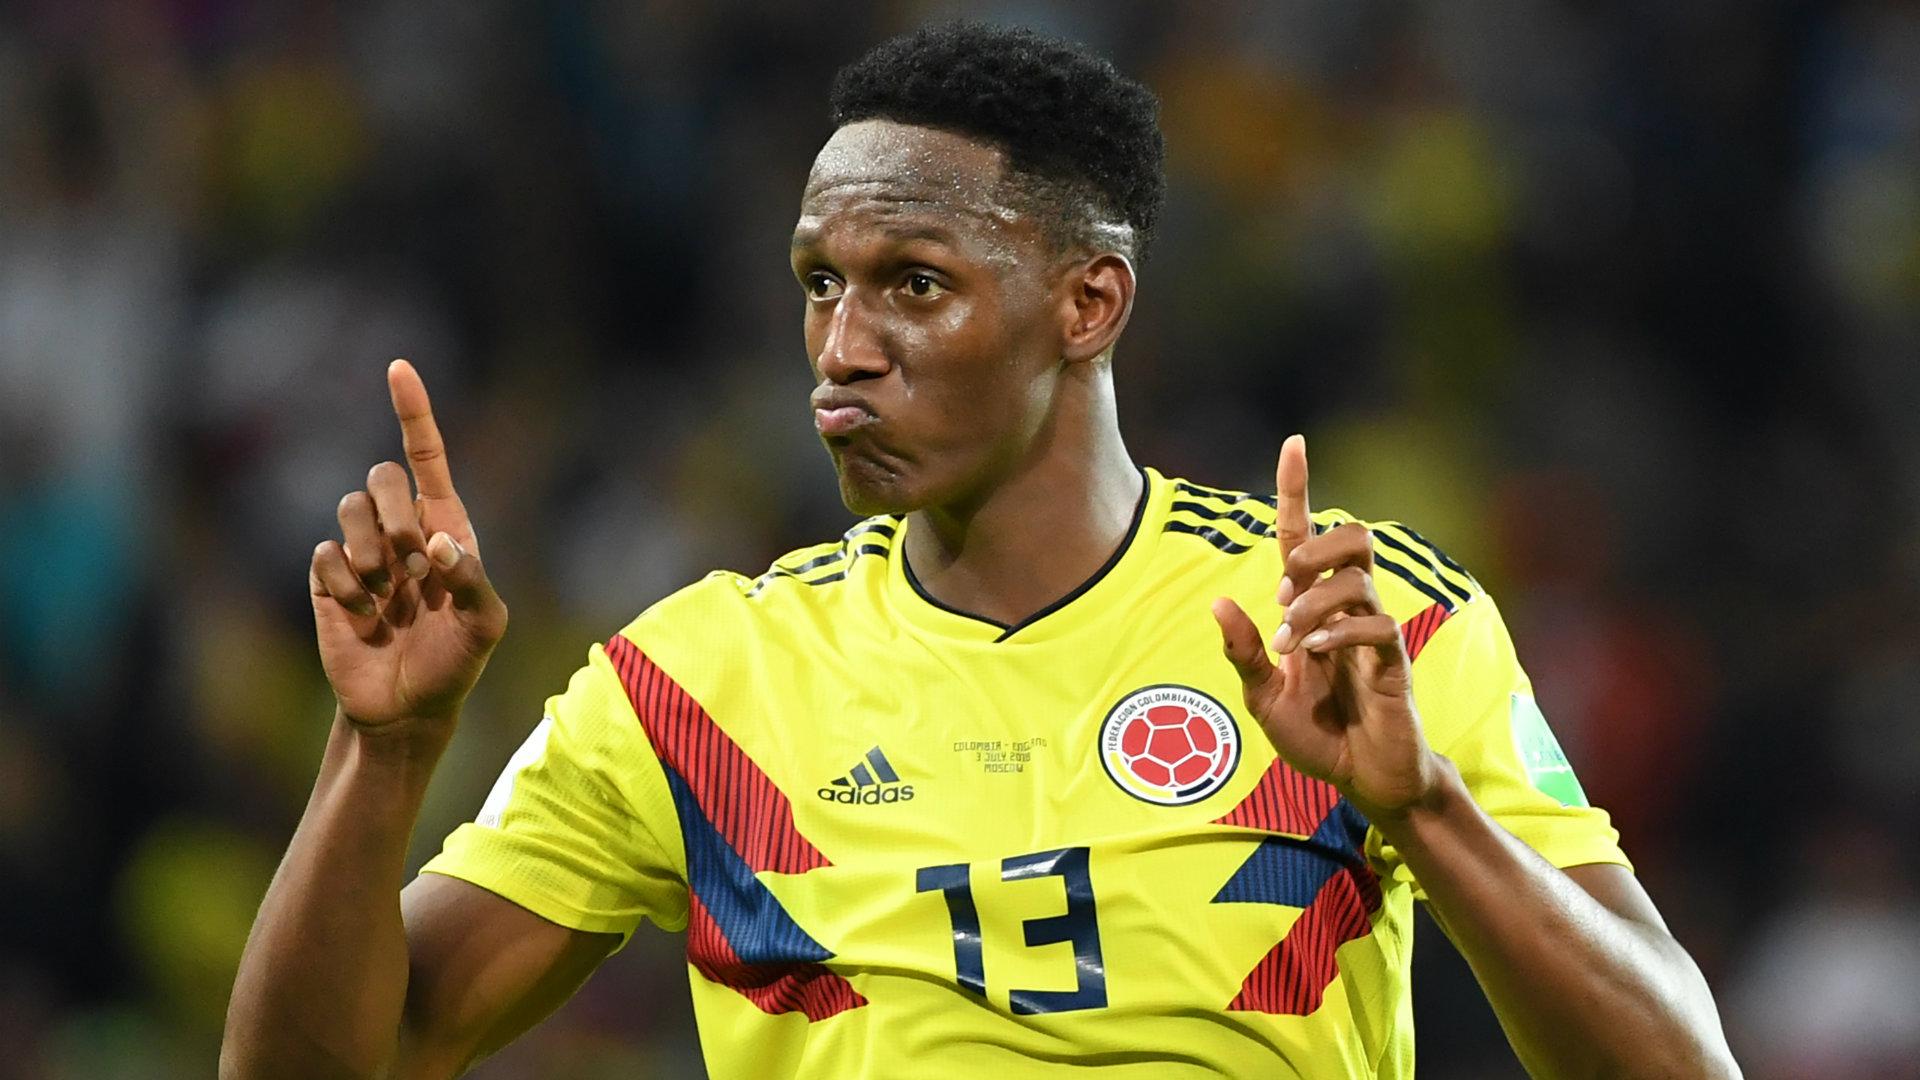 美洲杯黑马:击败阿根廷哥伦比亚期待更多